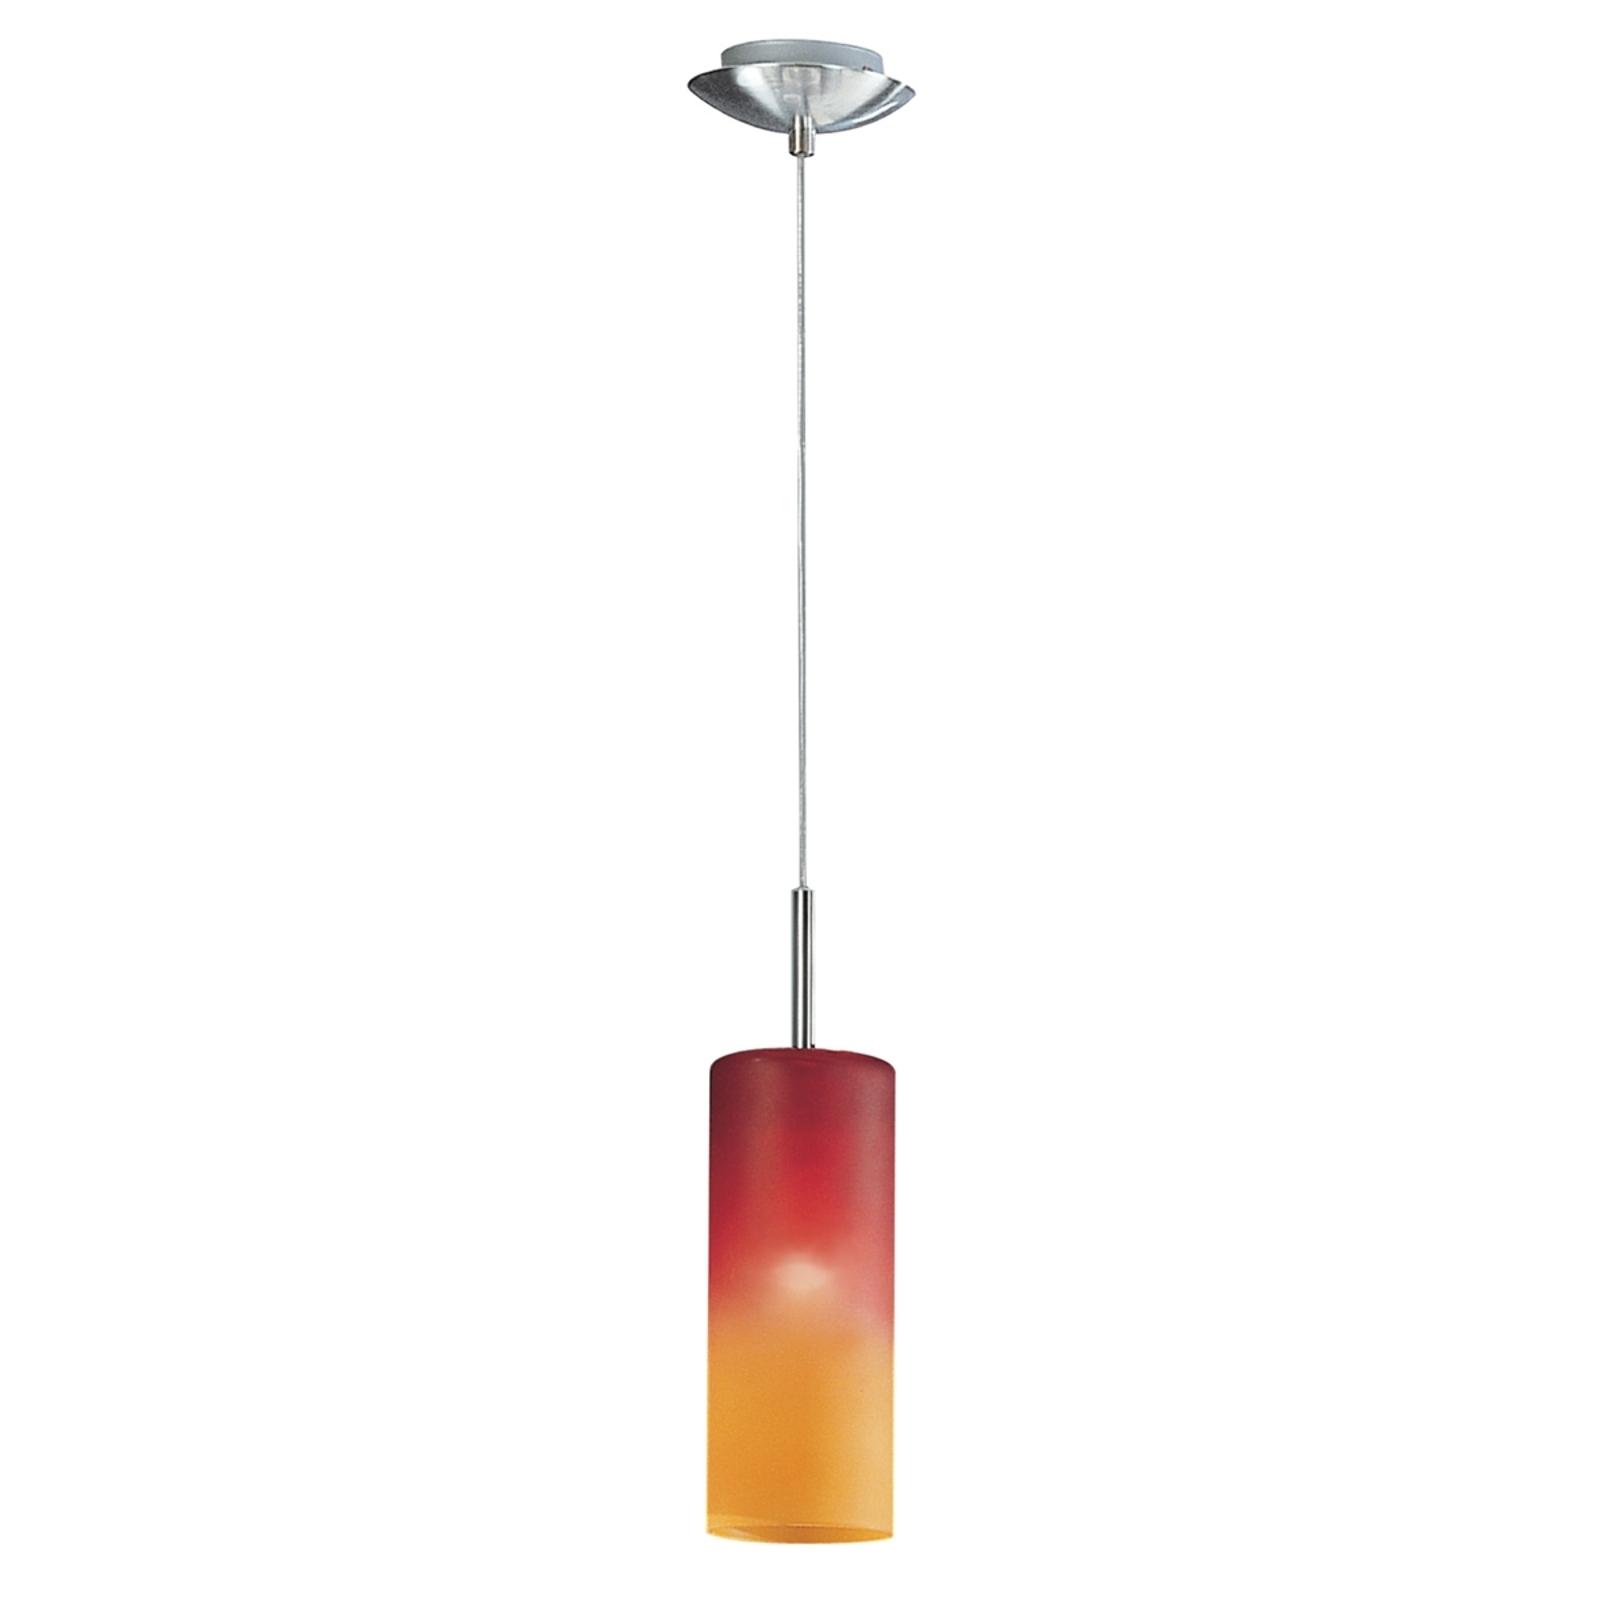 Závěsné světlo Troy v červené a oranžové